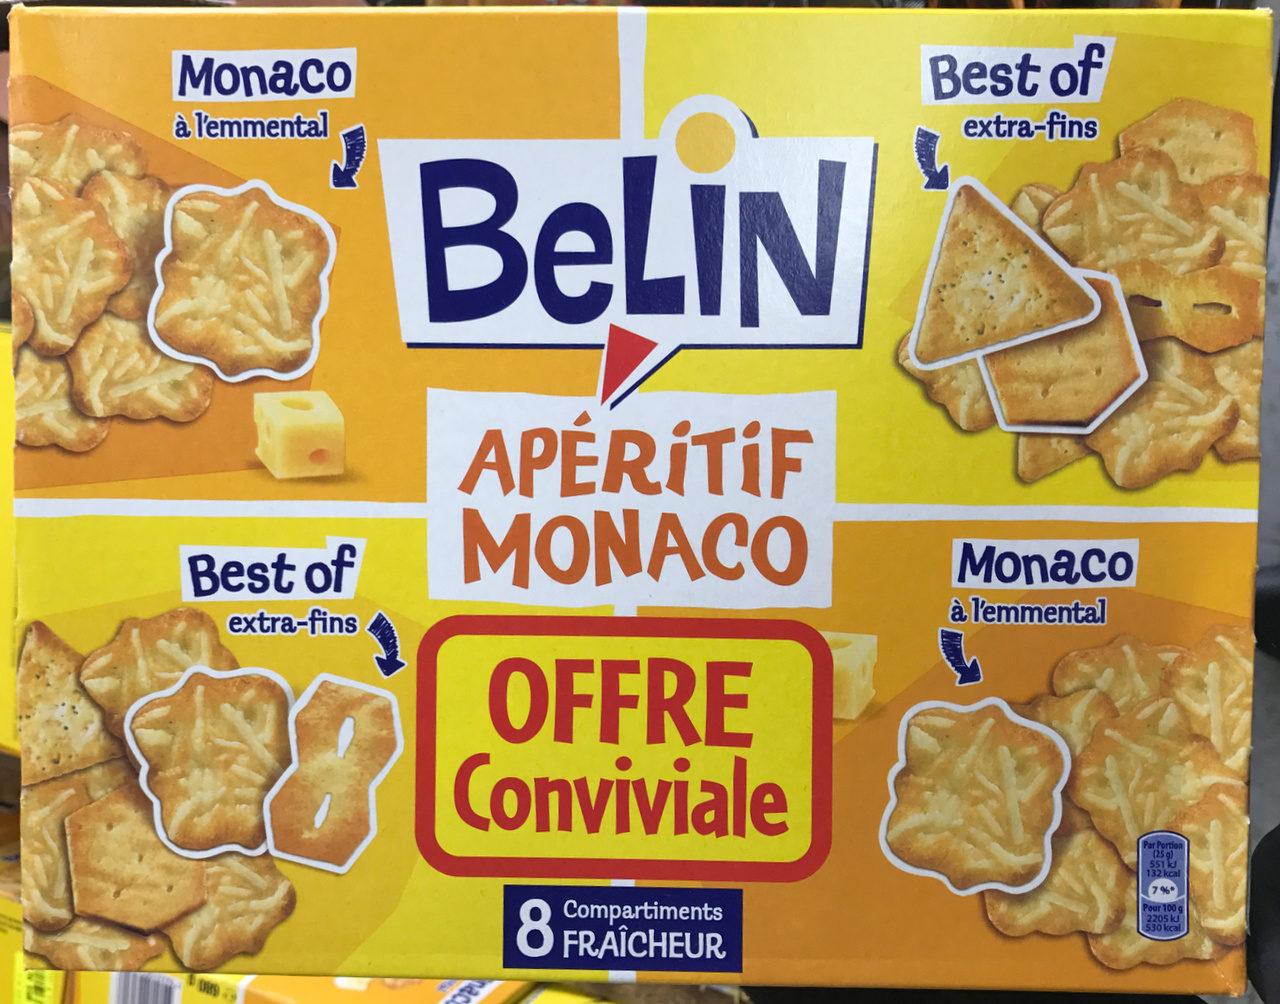 Apéritif Monaco (offre conviviale) - Product - fr